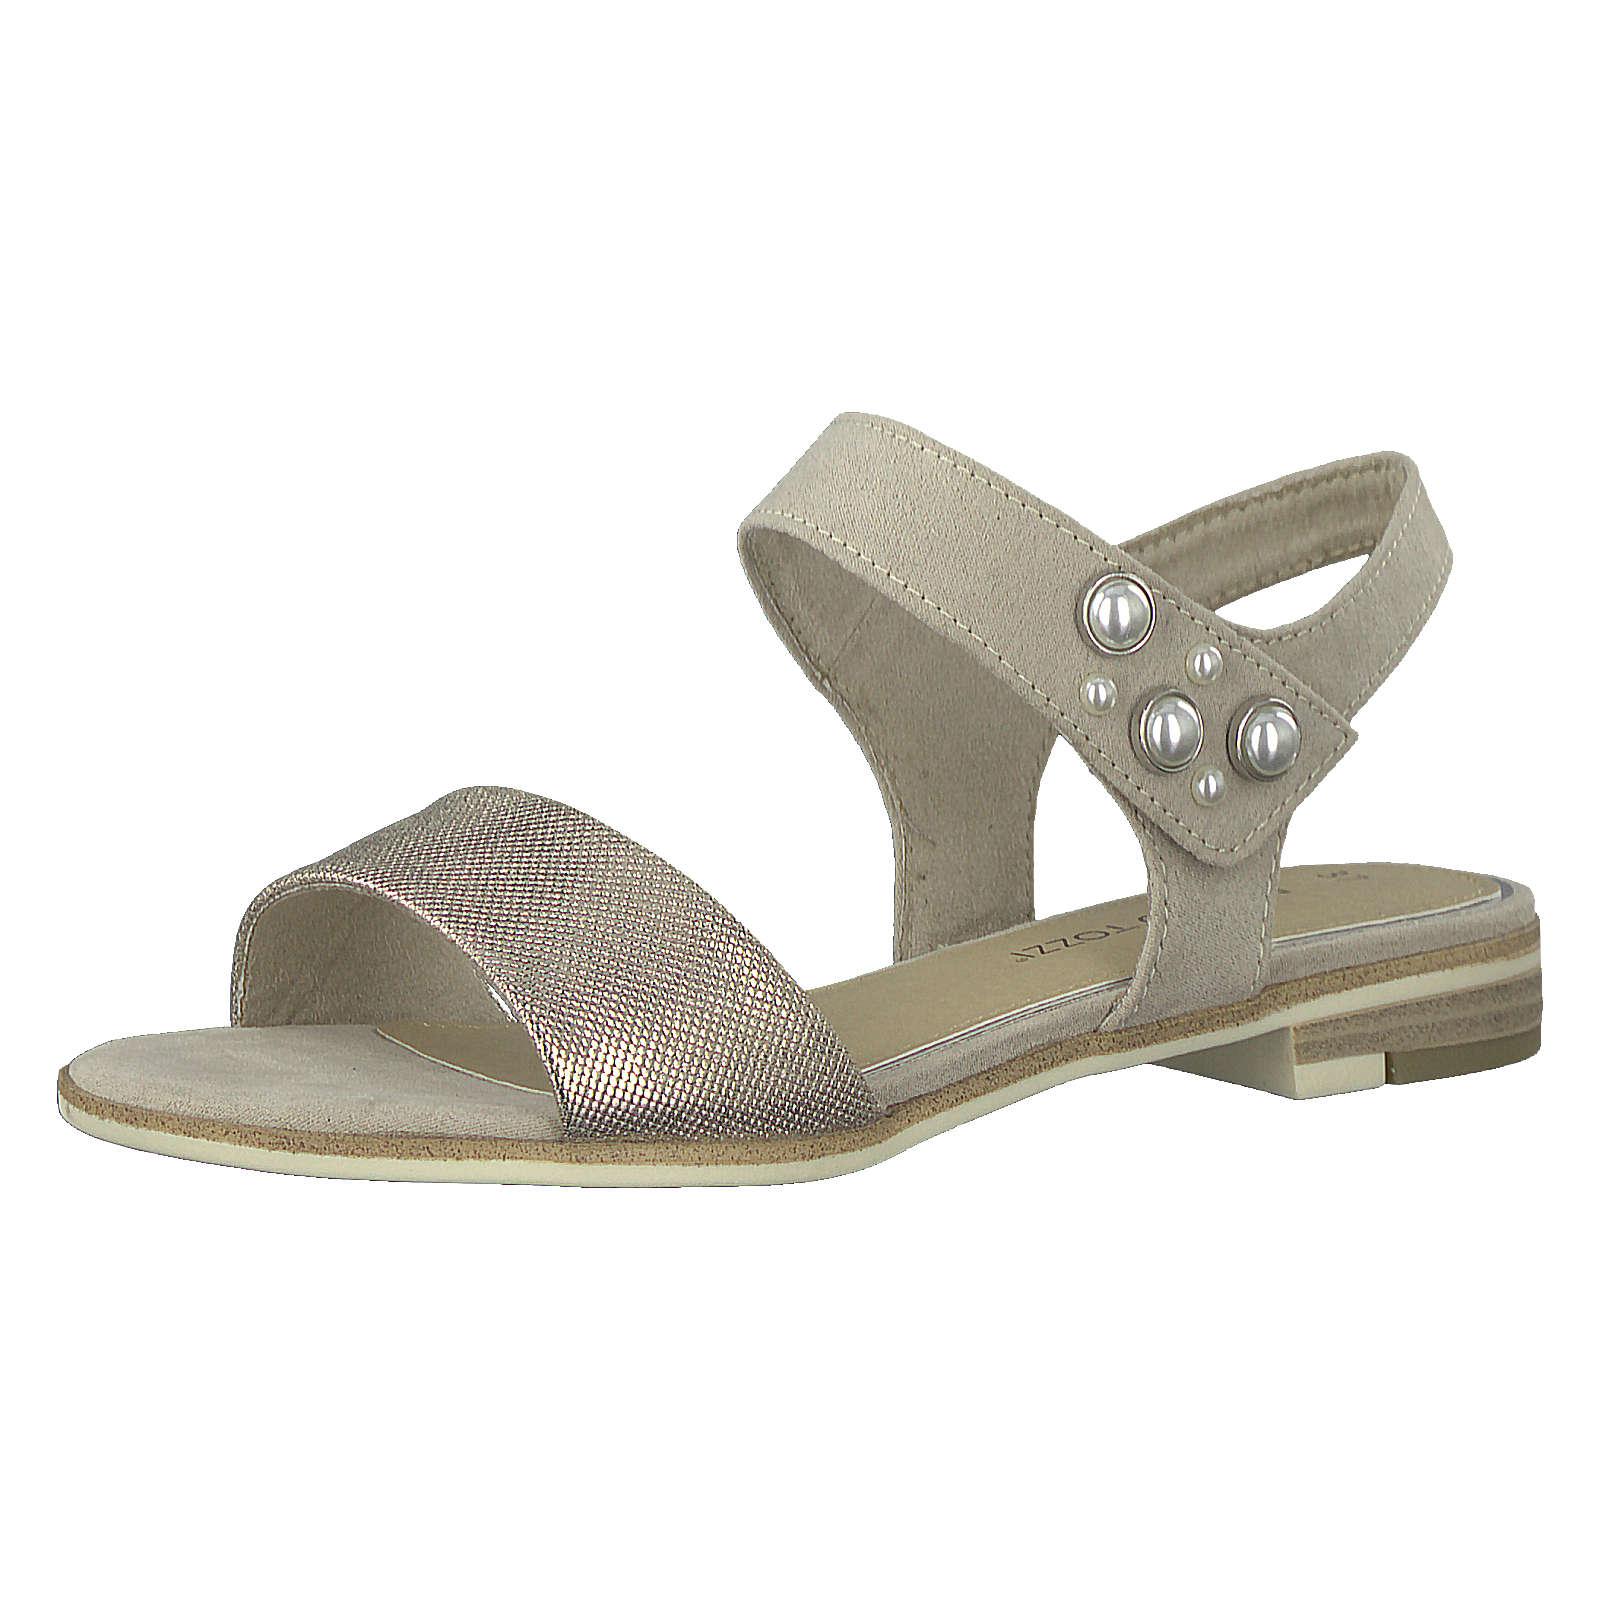 MARCO TOZZI Klassische Sandalen beige Damen Gr. 39